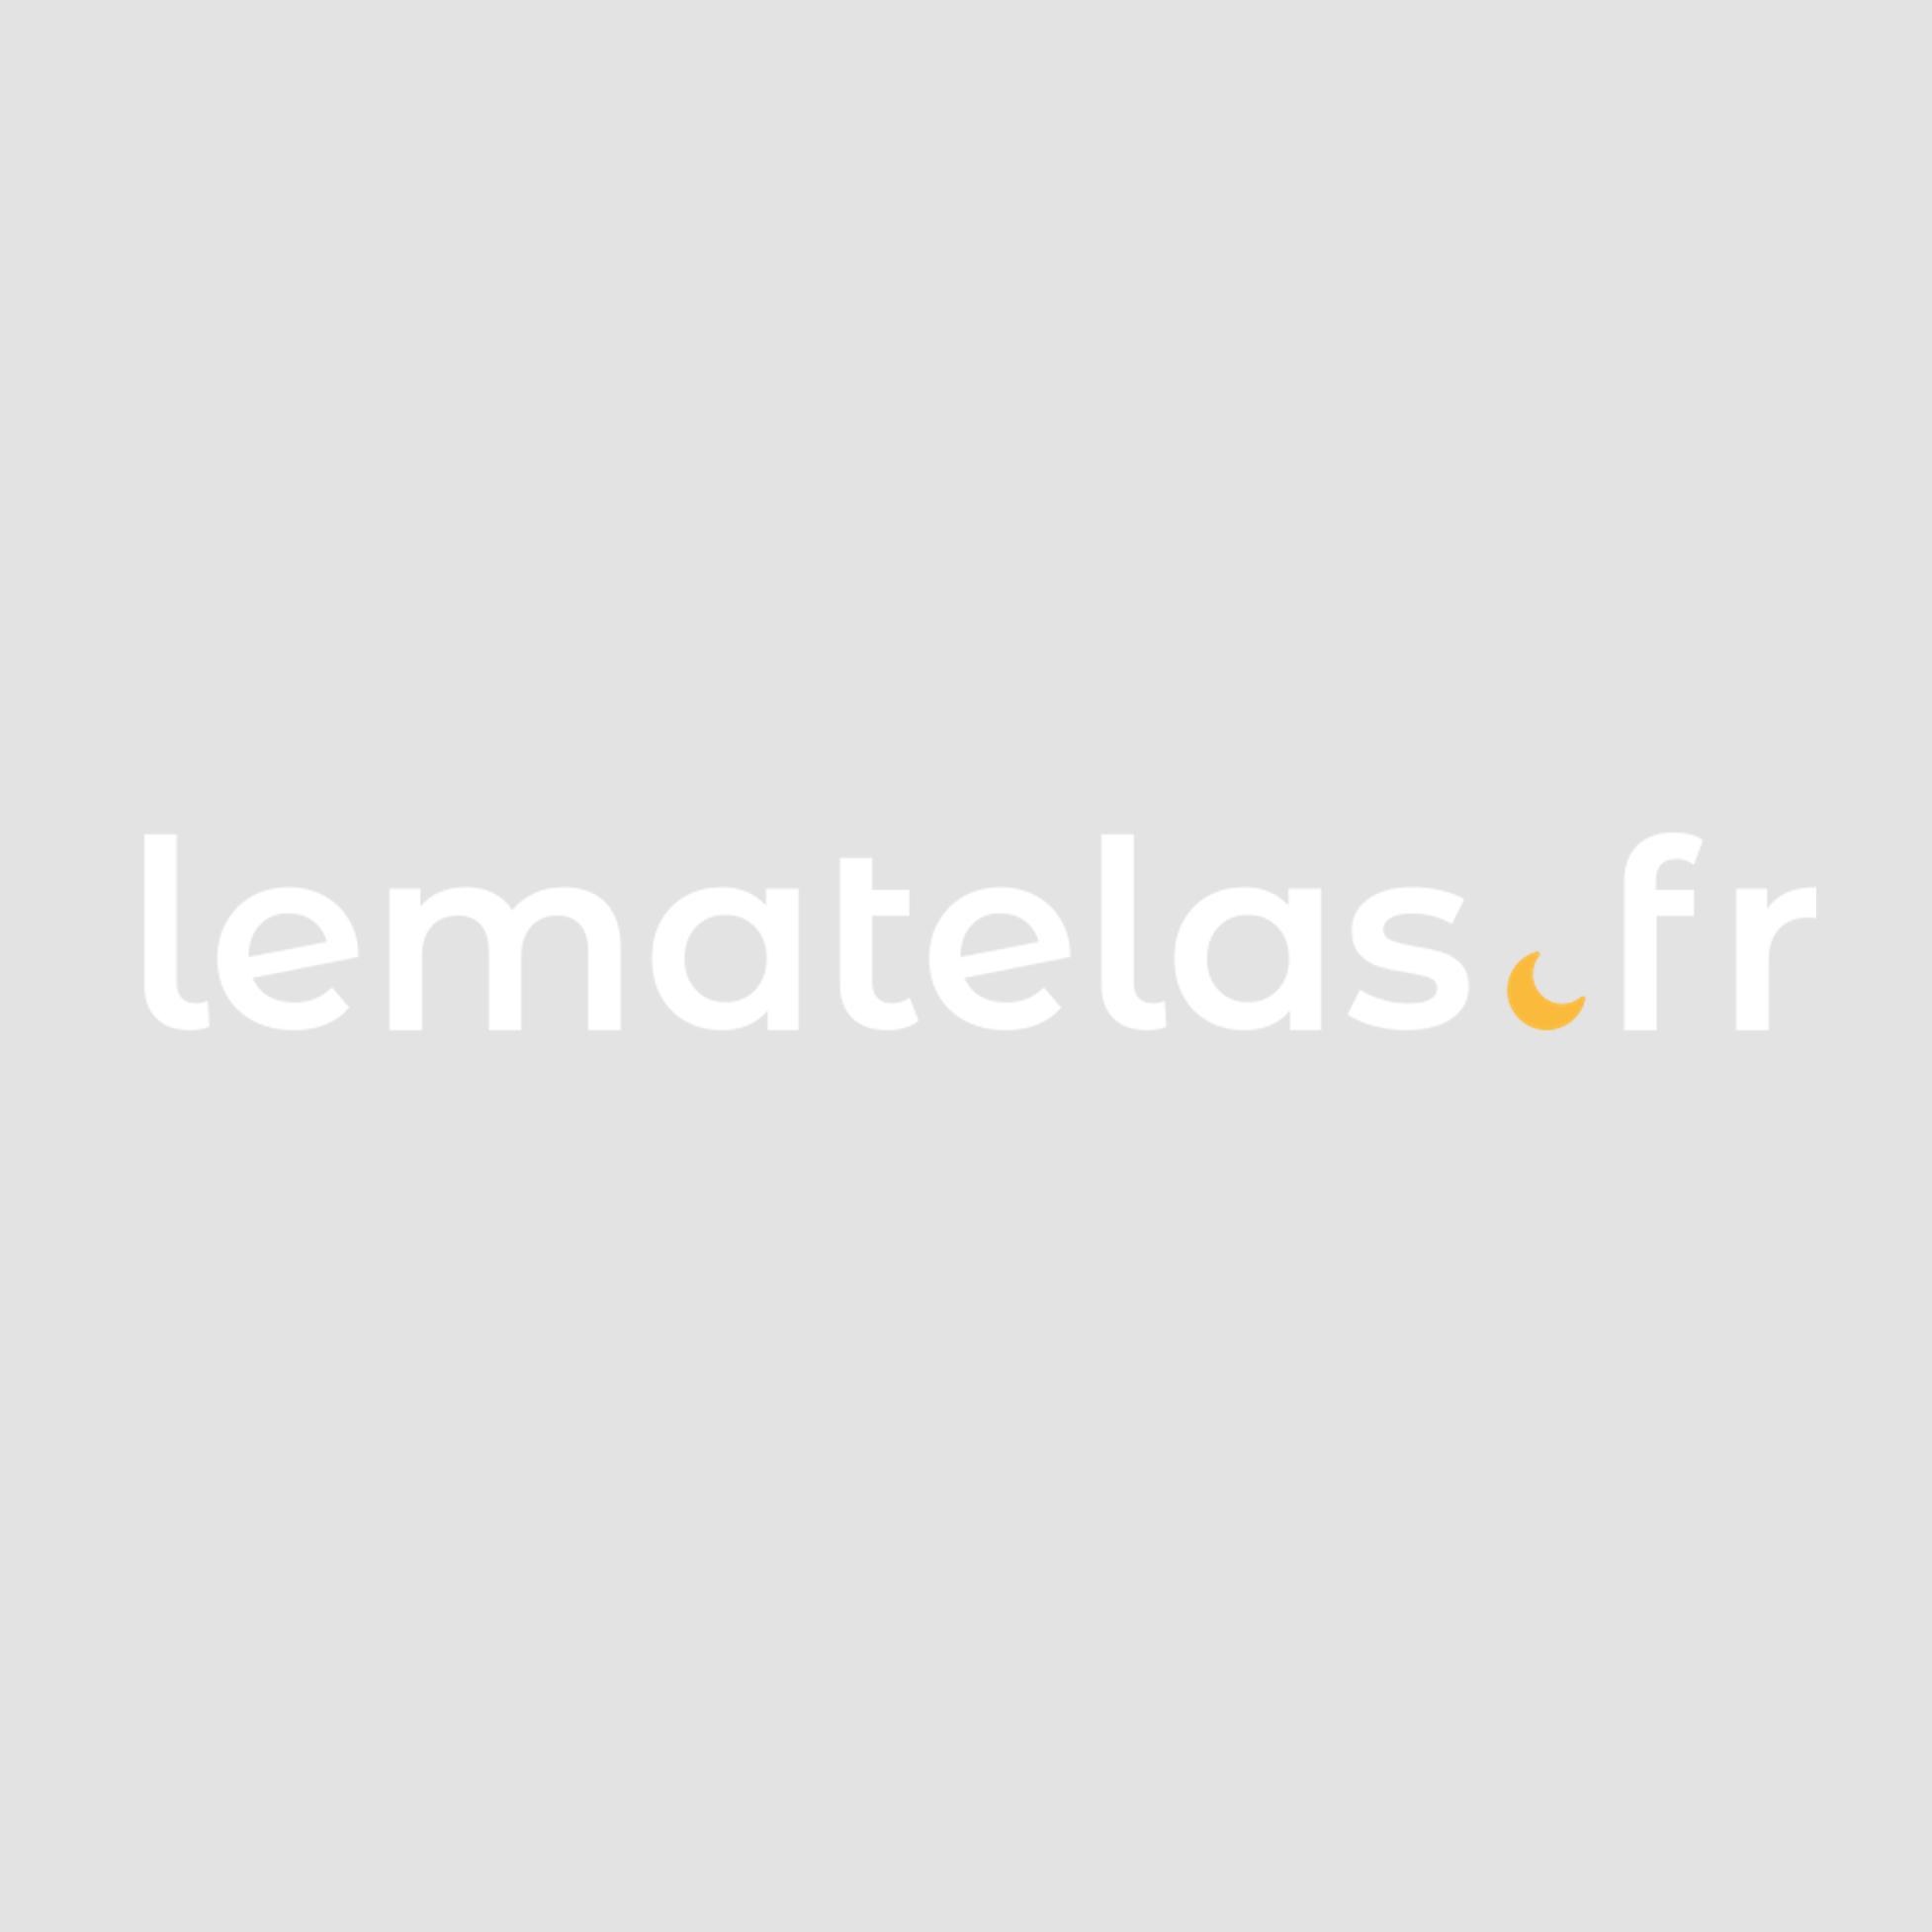 Chambre complète en bois blanc et chêne jackson - CB1036-1